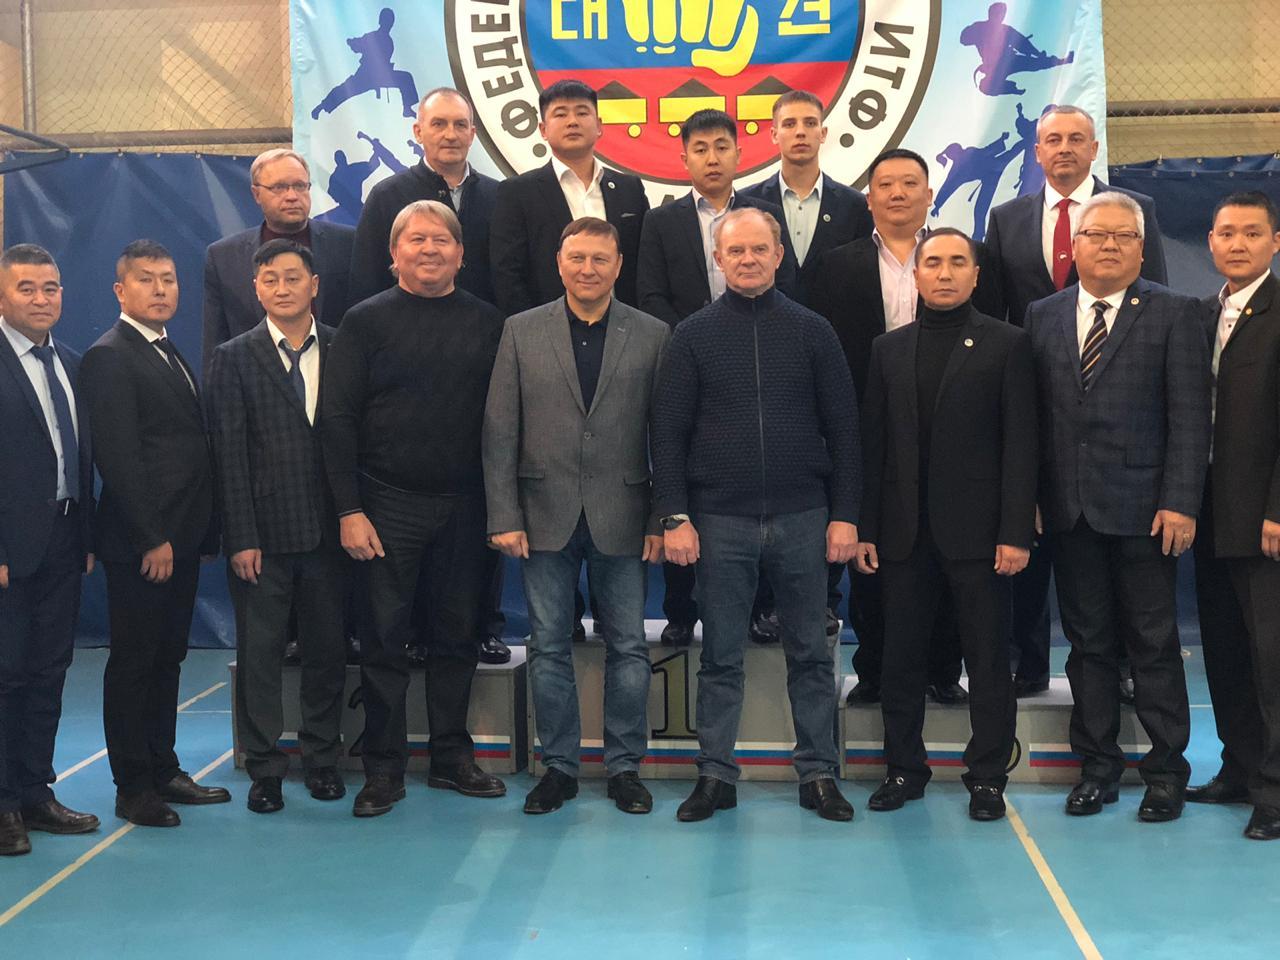 Церемония торжественного открытия Открытого кубка Артемовского городского округа по тхэквандо.